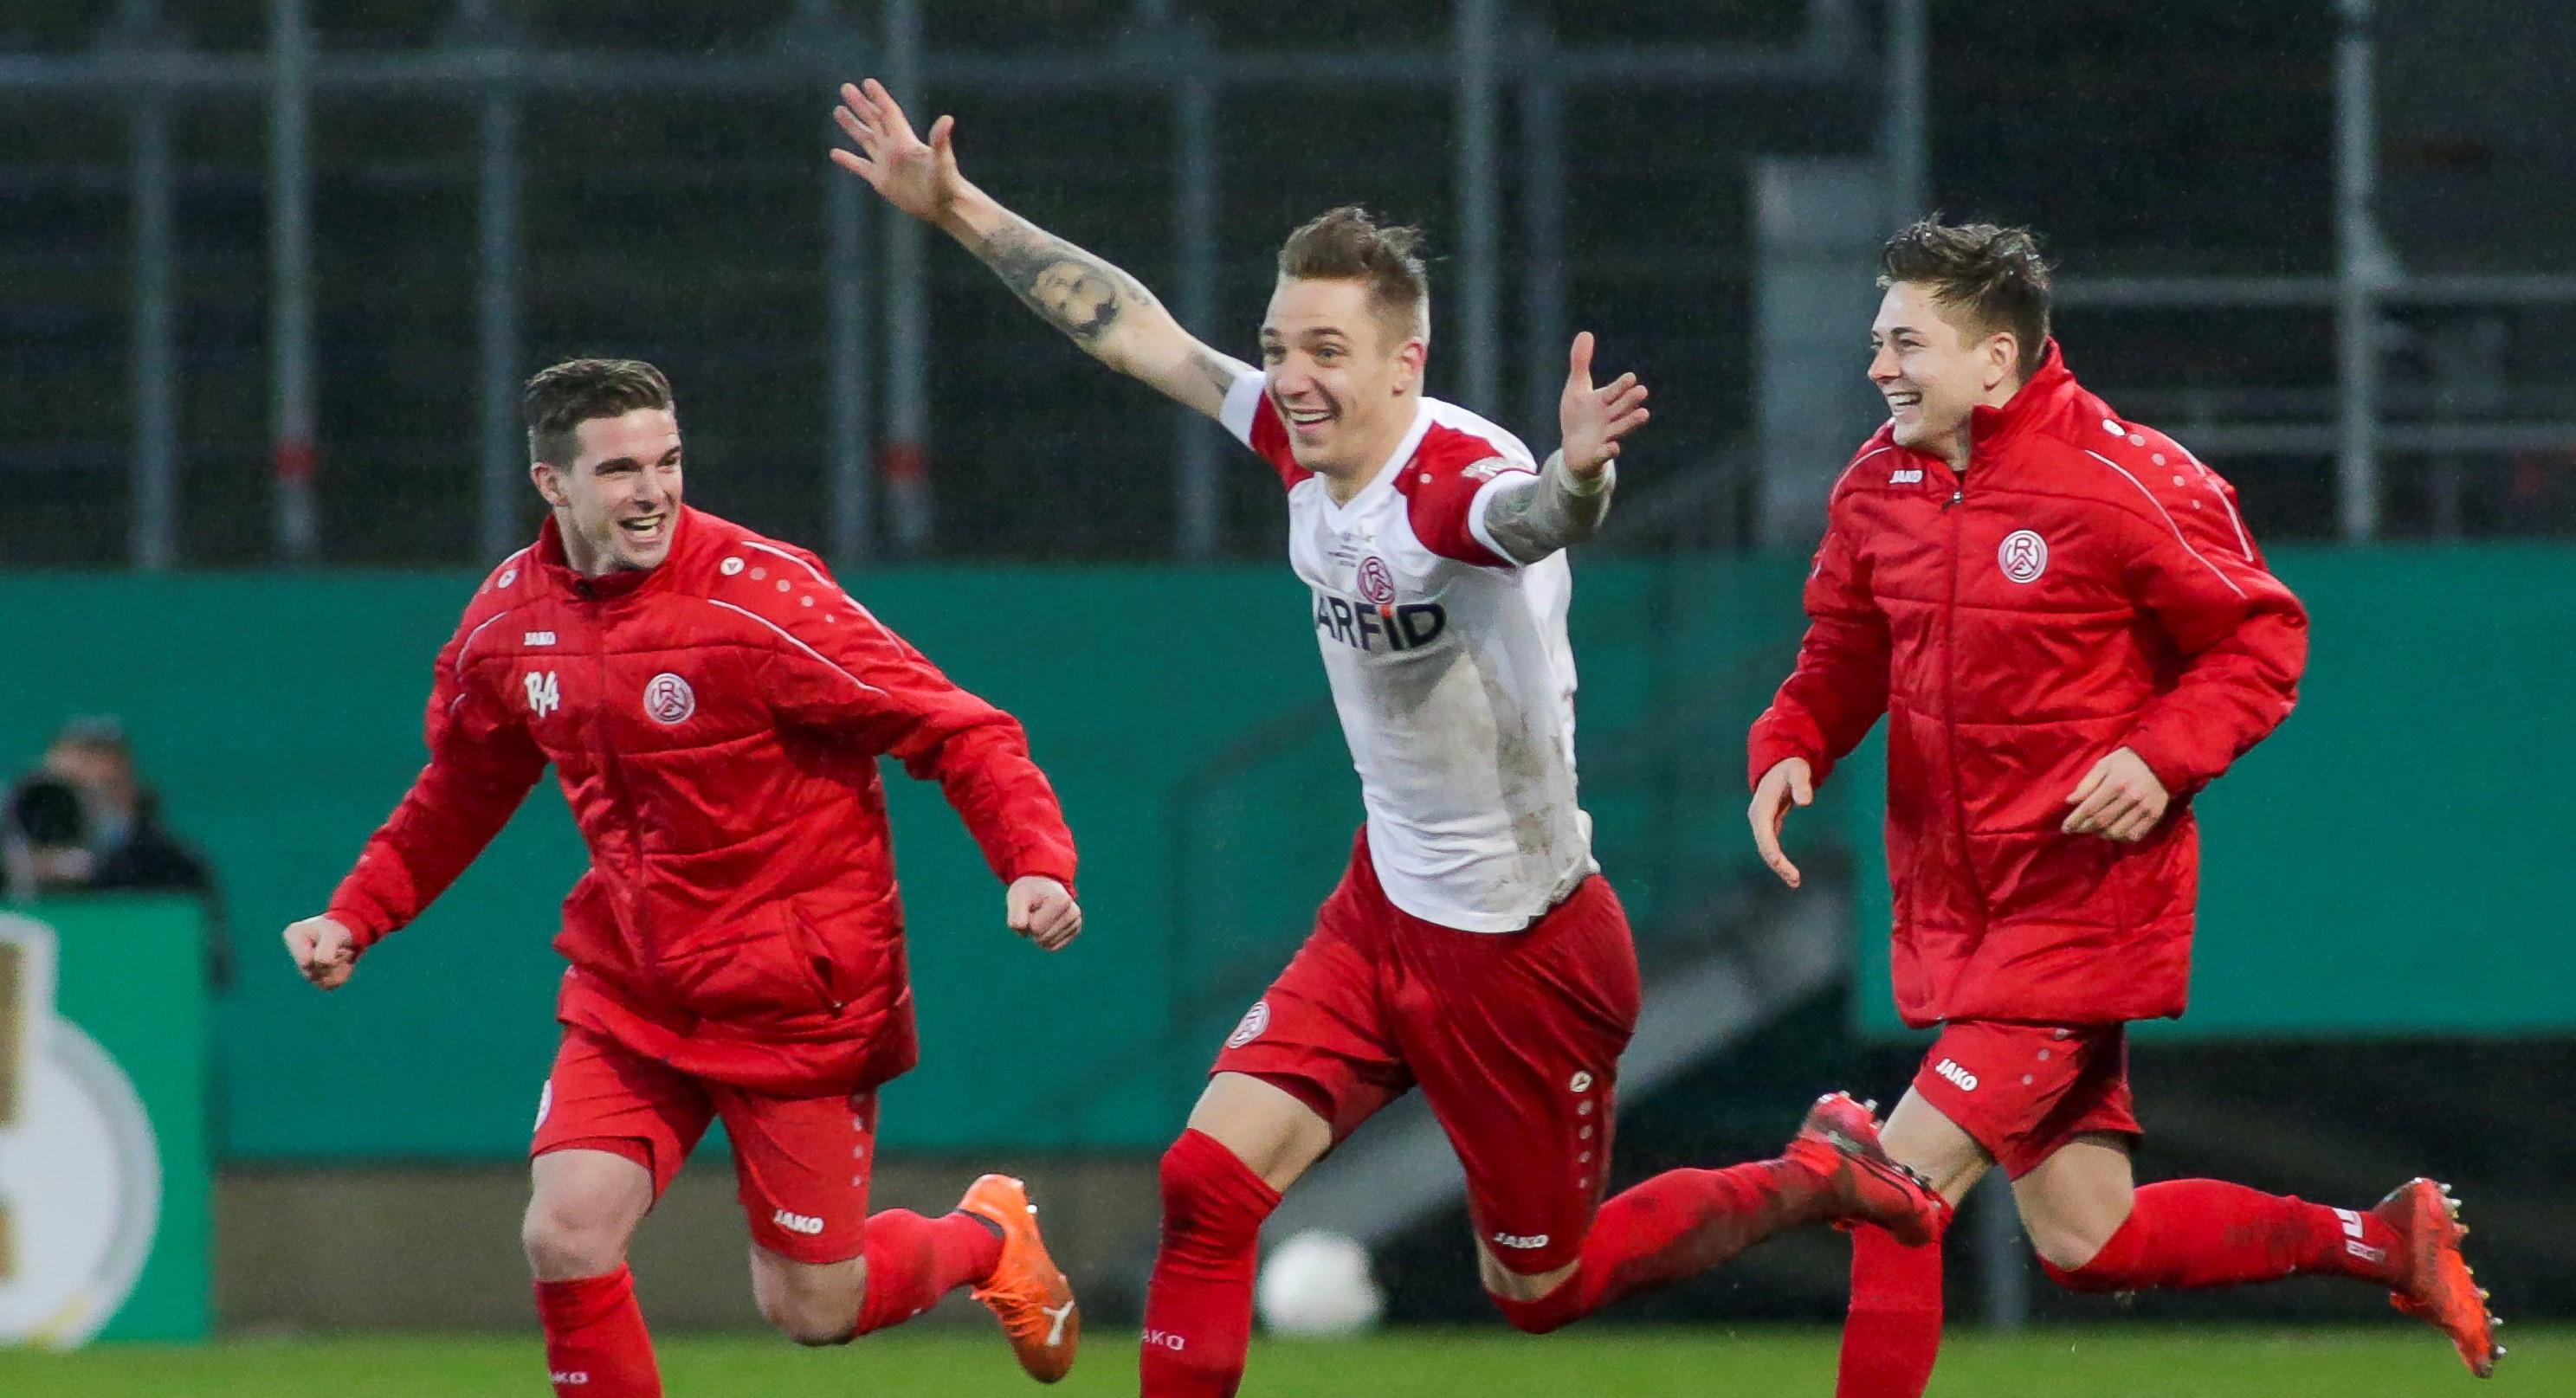 Grund zur Freude: RWE liefert auch zum DFB-Pokal Viertelfinale die passende Ausstattung! (Foto: Endberg)